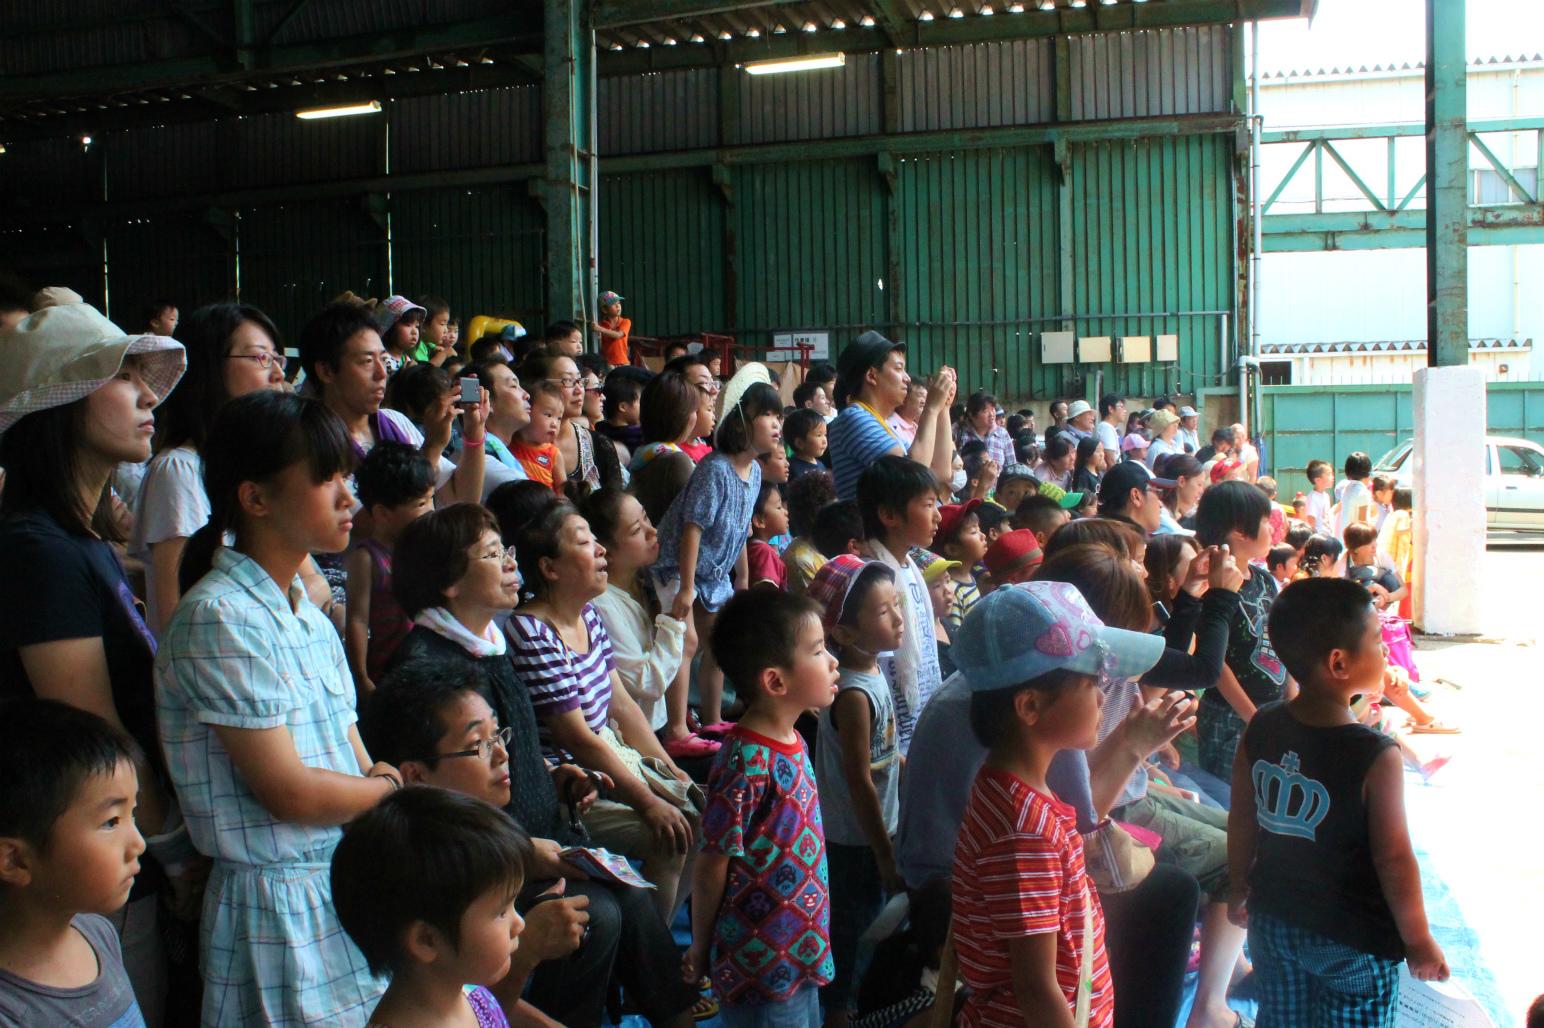 http://www.kaiho.co.jp/jp/news/img/sIMG_0321.jpg